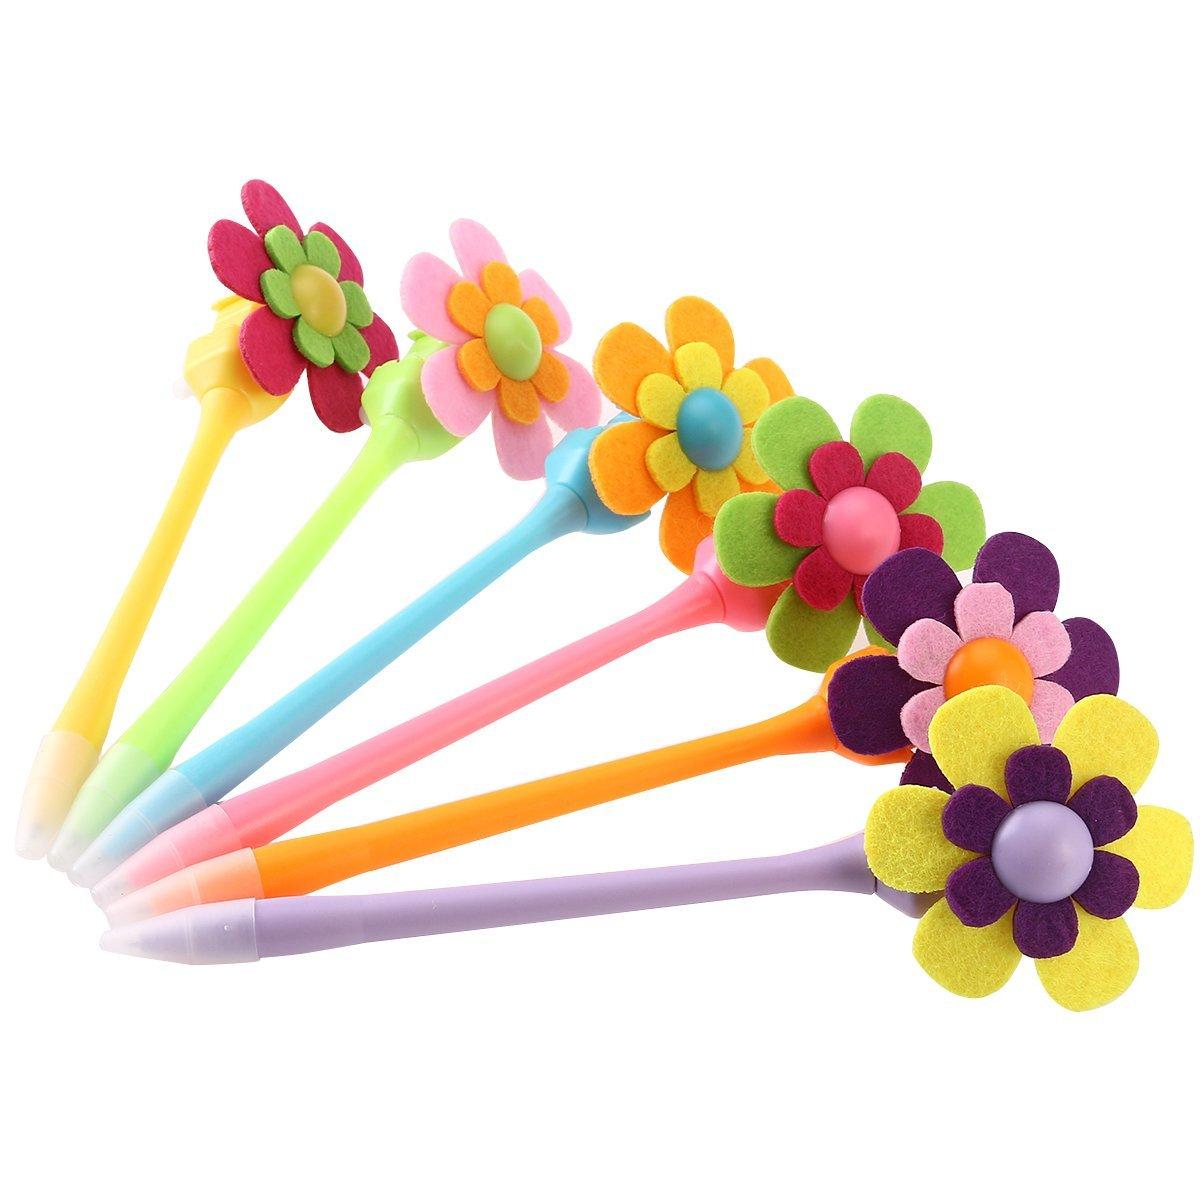 NUOLUX 6pcs Mixed Colors Decorative Pens Flower 0.7mm Ball Pens